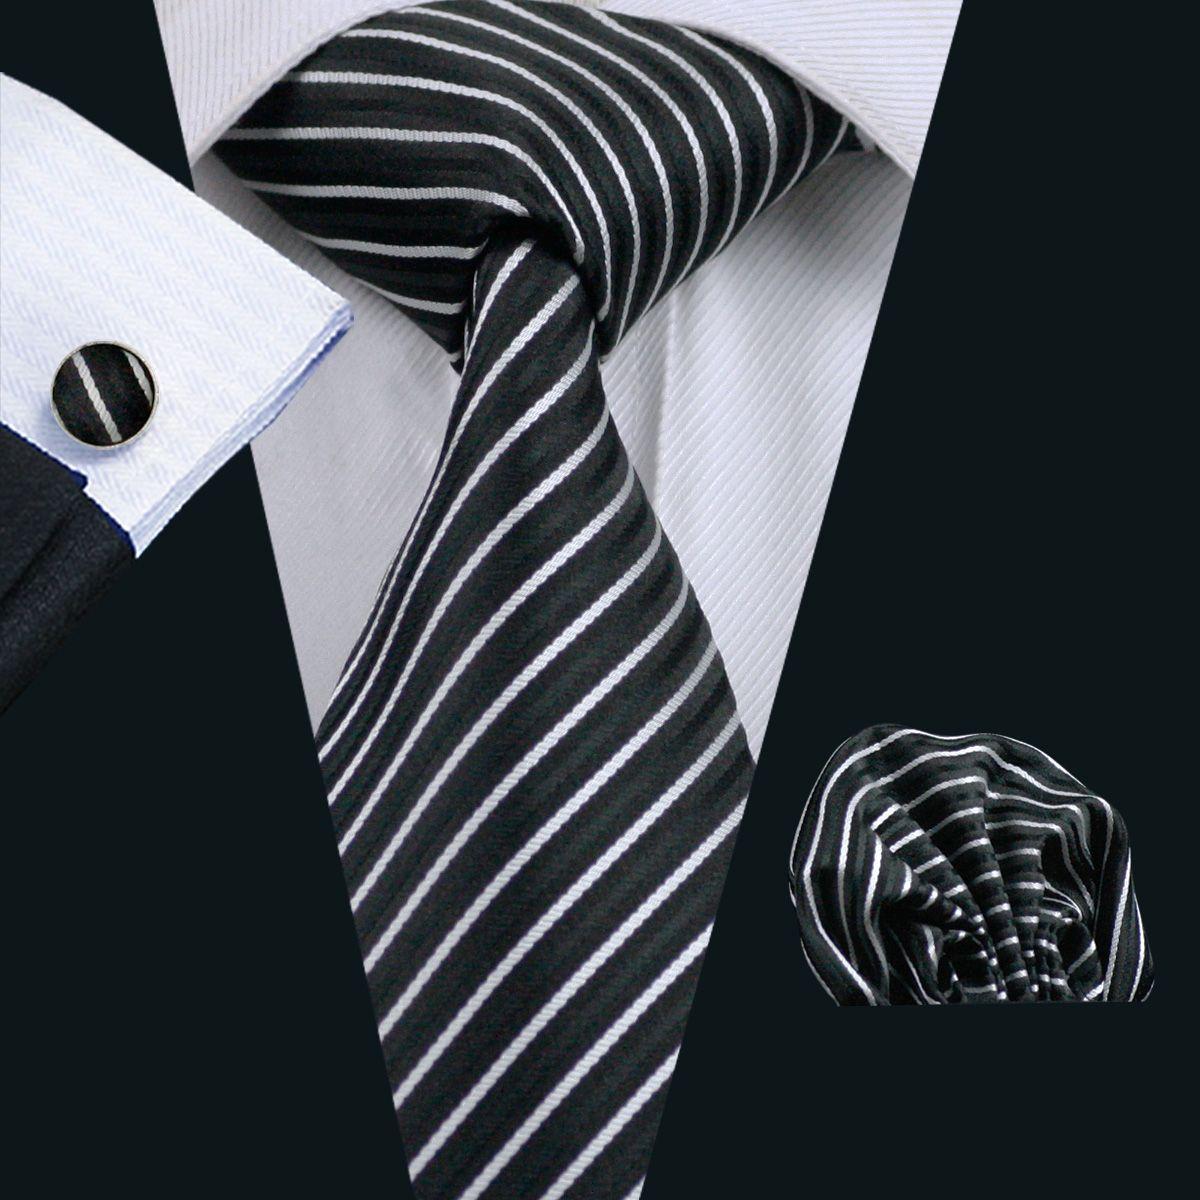 العمل الرسمي رجال شرطة الأمن موظفي أسود أبيض شريط التعادل مجموعة المنديل cufflinks الجاكار المنسوجة الساخن بيع الرقبة التعادل مجموعة N-0394